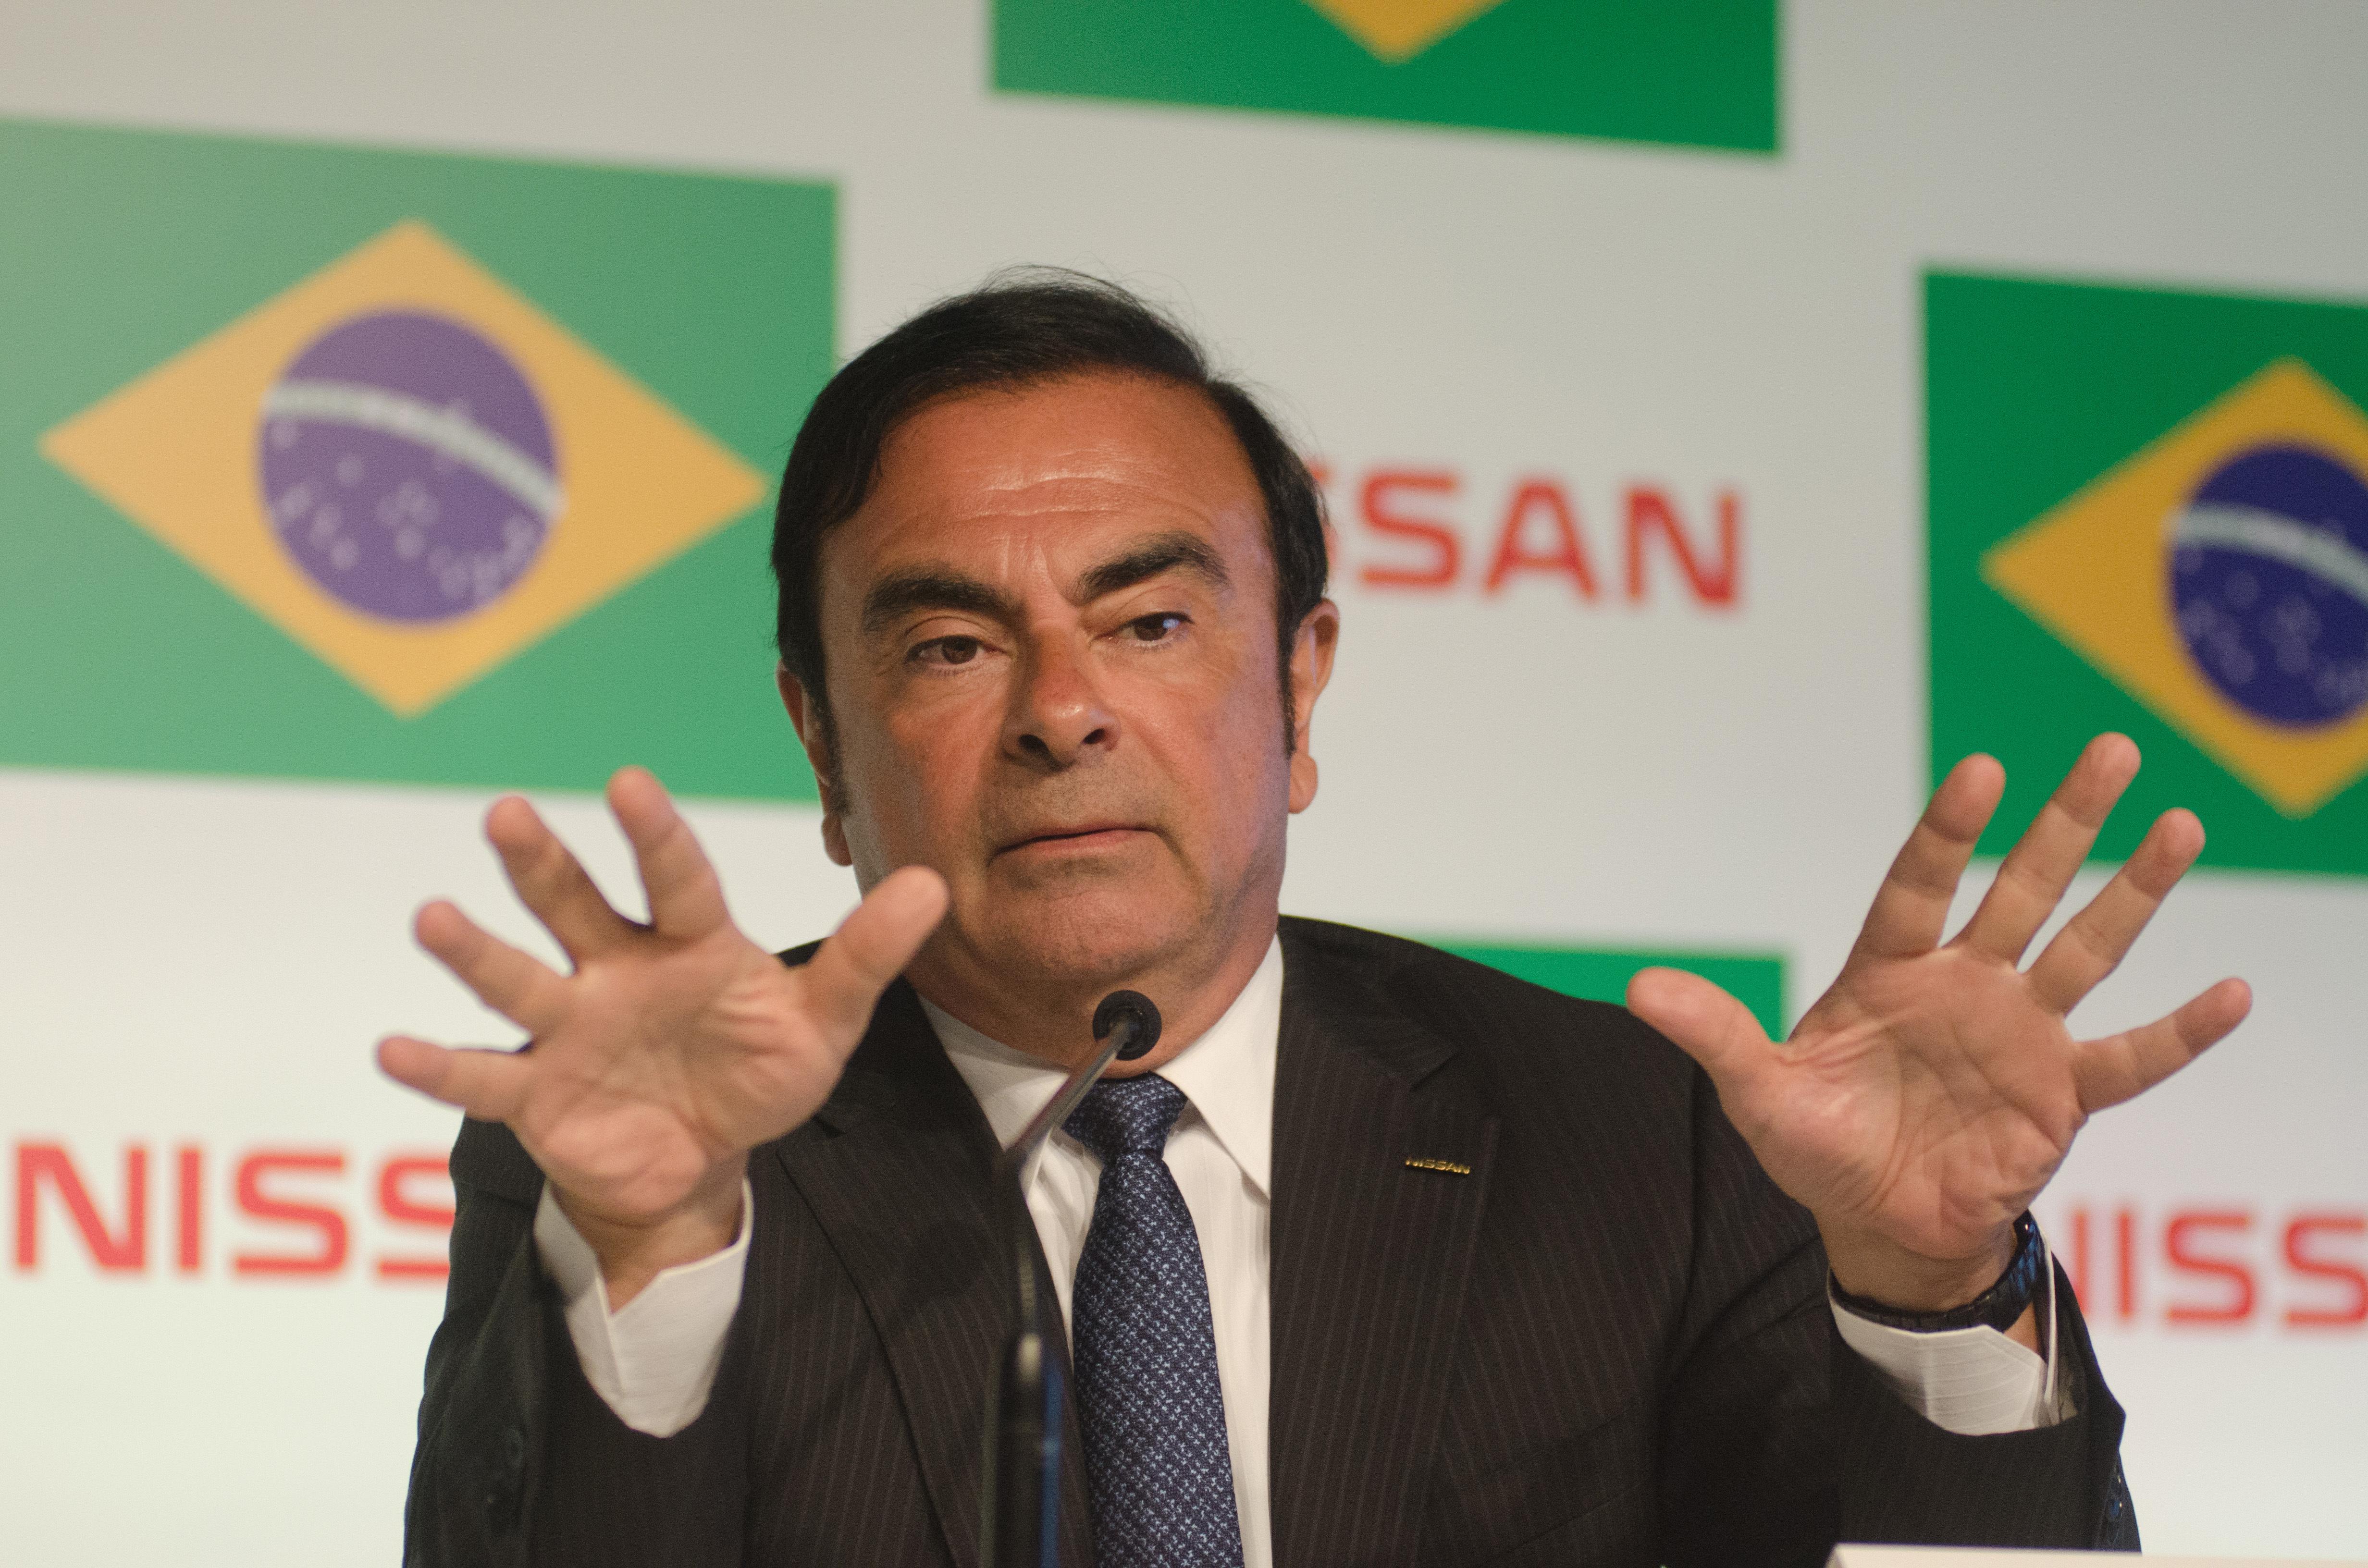 Executivo da Nissan diz que cumpria ordens de presidente da empresa